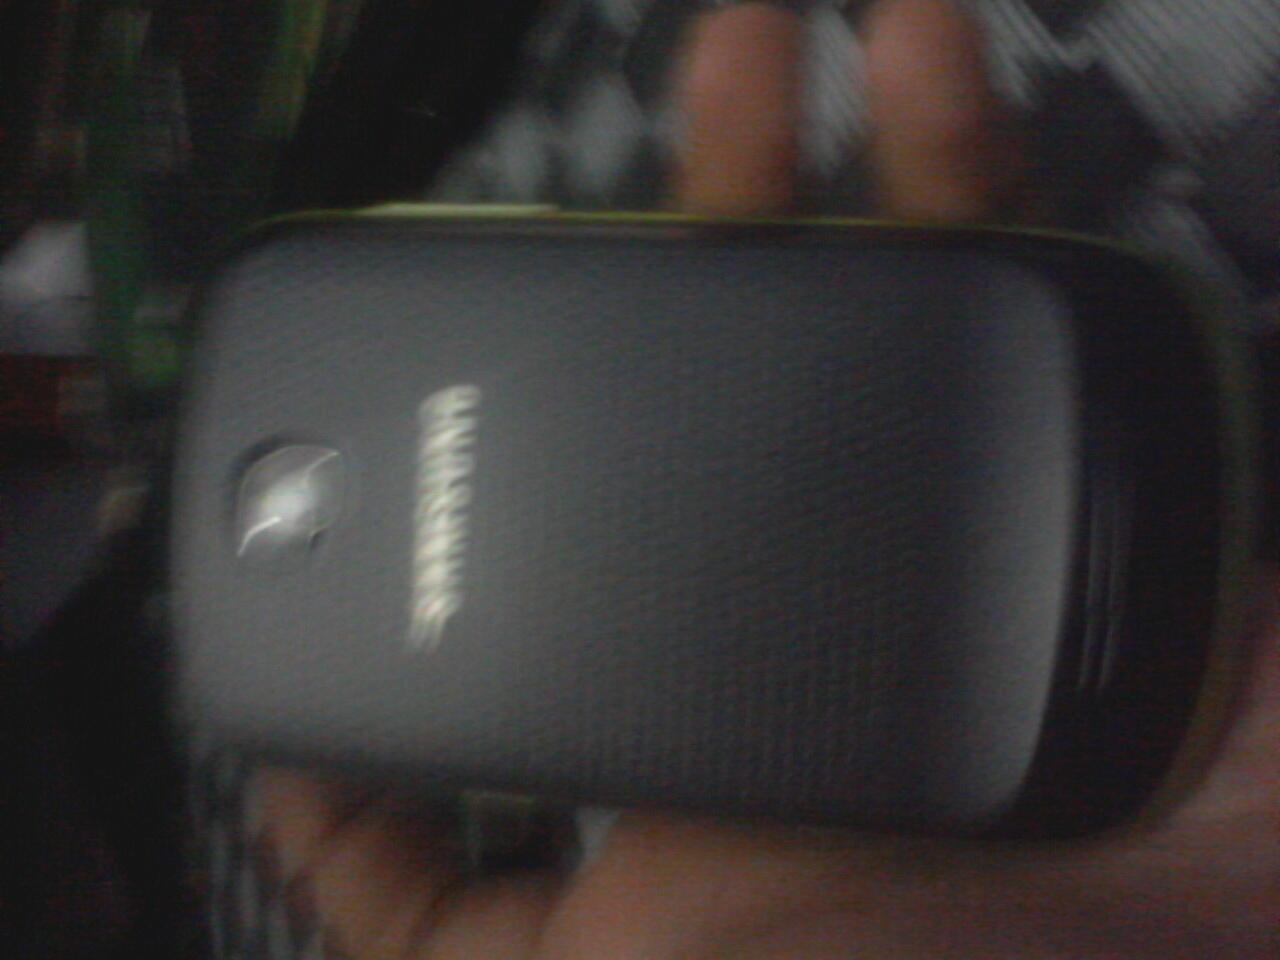 DI jual samsung galaxy mini GT-s5570